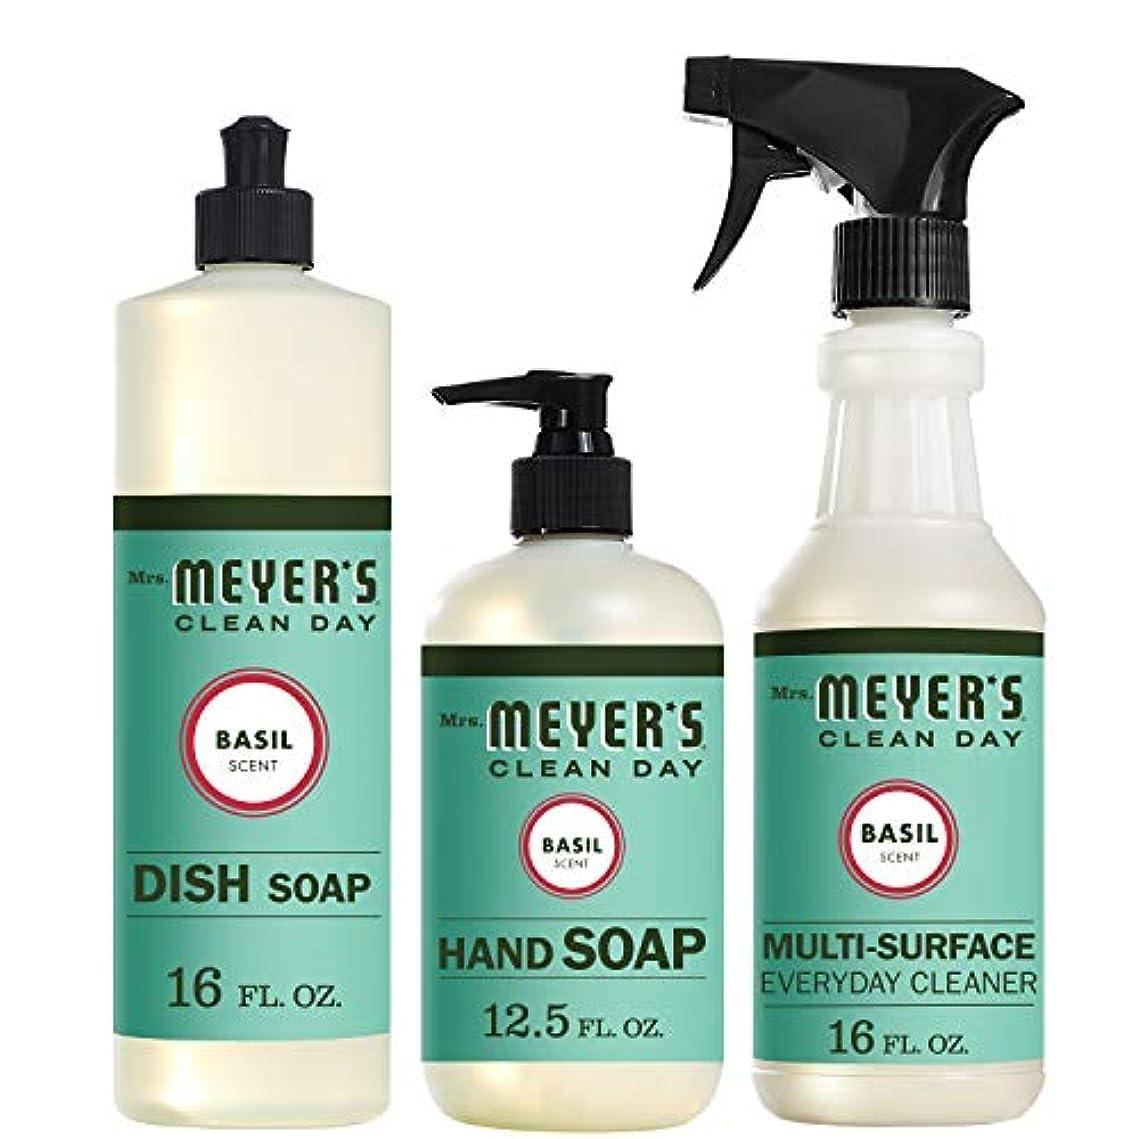 保全東方ジャンクMrs。Meyers Clean Dayキッチン基本セット、バジル、Includes : Dish Soap (16 fl oz)、Hand Soap (12.5オンス、日常Multi - Surface Cleaner...